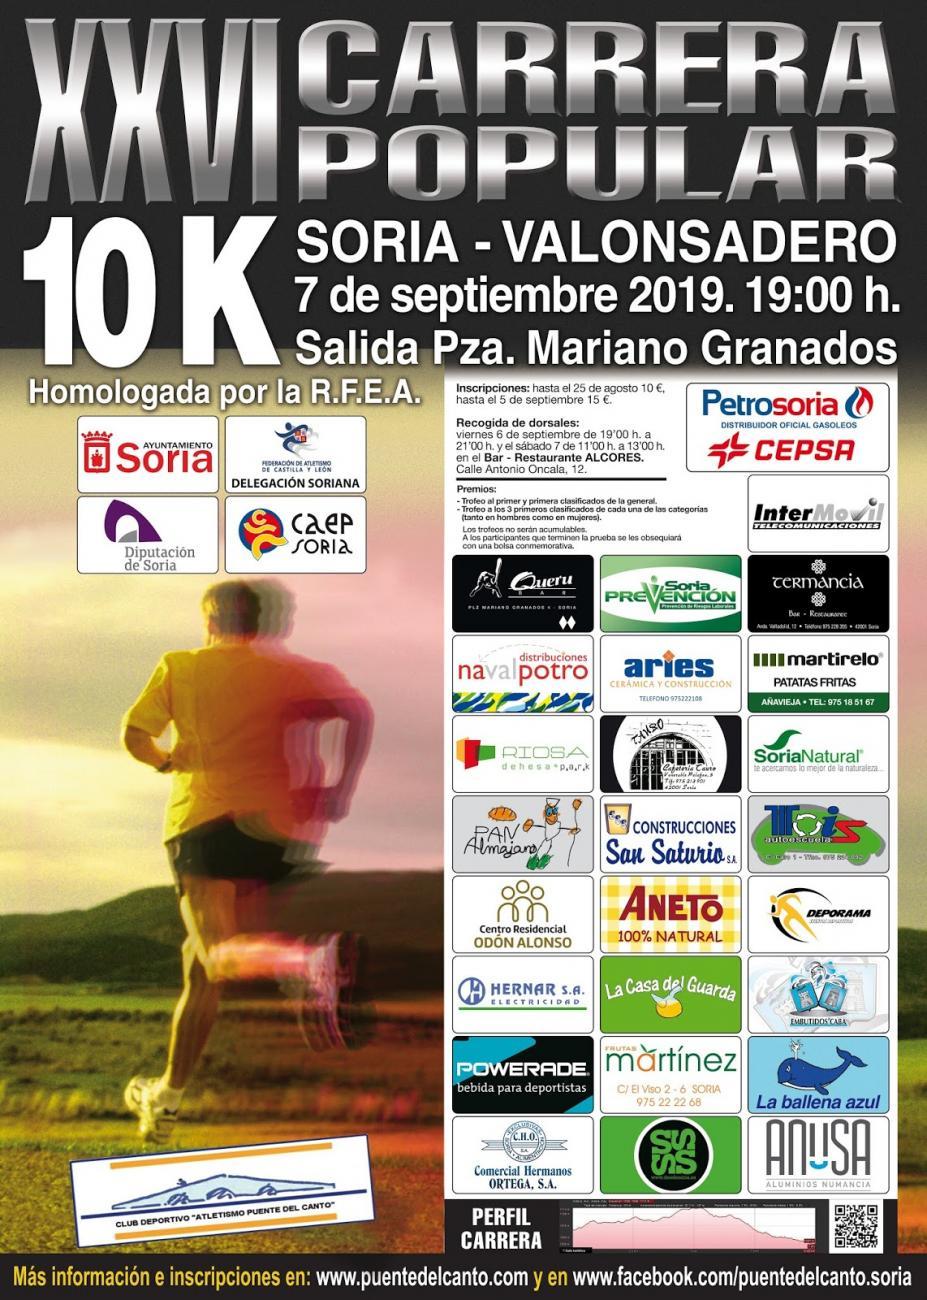 XXVI Carrera Popular 10 Km Soria-Valonsadero